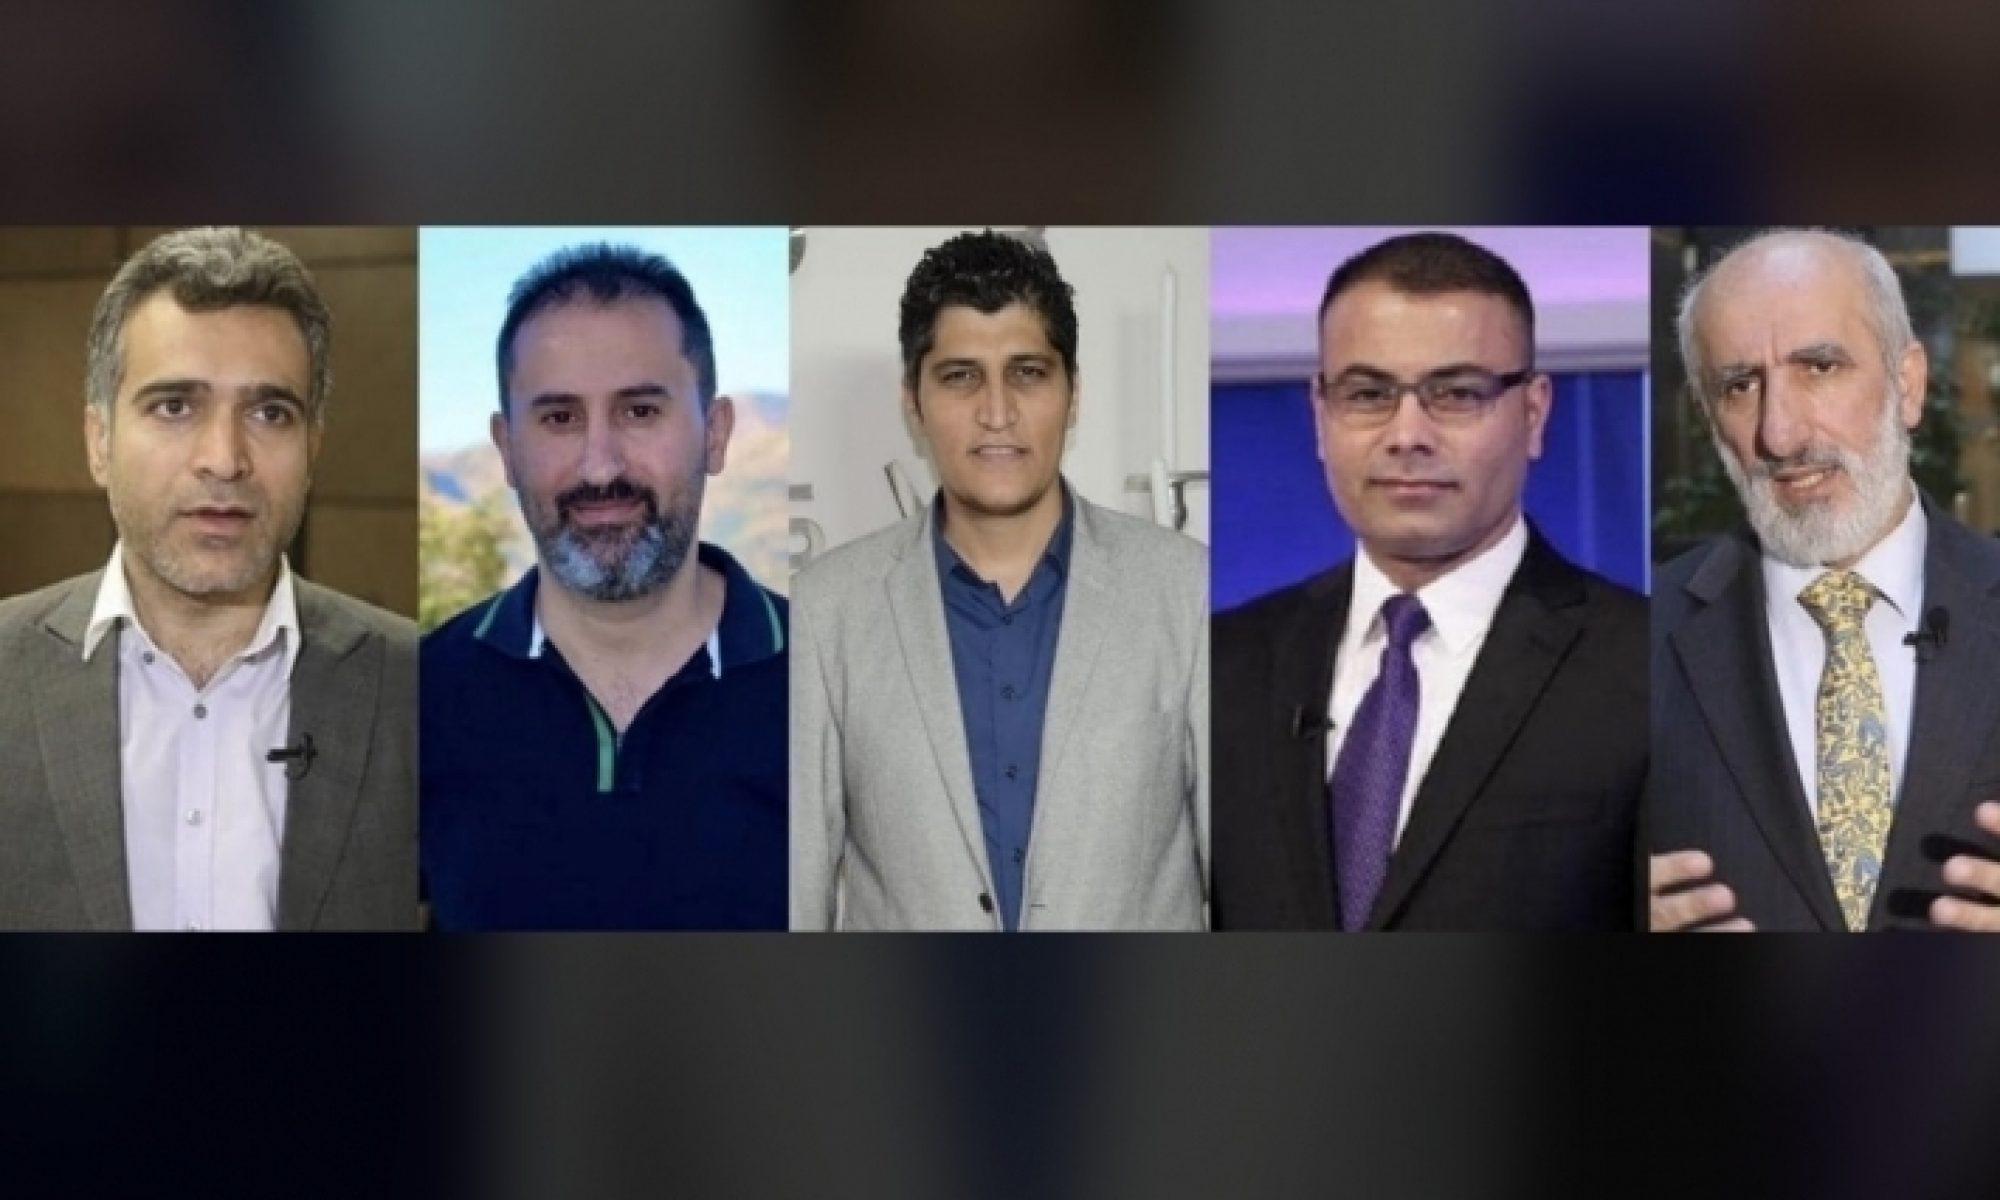 """Kürdistan Bölgesi hükümetine karşıtları ile bilinen Irak Parlamentosu'ndaki Kürt parlamenterlerin Şii Haşdi Şabi'ye yakın taraflarla bir fraksiyon oluşturmak istediği belirtiliyor. Bir Kürt siyasi gözlemciye göre, """"Onlar sadece ceplerini düşünüyor"""" yorumunda bulundu. BasNews'in edindiği bilgiye göre Kürdistan Bölgesi karşıt bir politika yürüten Bağdat'taki Kürt parlamenterlerin, Irak'ta gerçekleşecek erken seçimde Kürdistan düşmanı Şii Haşdi Şabi'ye yakın partiler ile parlamentoda ortak bir froksiyon kurmaya hazırlanıyor. Konu hakkında BasNews'e konuşan Kürt siyasi gözlemci Dr. Medhet Silêman, """"Bu parlamenterler Irakçı Kürtlerdir. Bunlar Kürdistan Bölgesi'ne dönerlerse hiçbir şekilde saygı görmeyeceklerini ve bir daha oy alamayacaklarını biliyorlar.Bu nedenle Ala Talabani ve Sirwe Ebdulwahîd, sırf bir daha seçilmek için Kürdistan'ın düşmanı olan Şii partiler ile ittifağa gidecekler. Bunların tek derdi kendileridir"""" yorumunda bulundu. """"Bu Kürt parlamenterlerin izledikleri politika Kürdistan düşmani Şii kesimlerin siyaseti ile aynı"""" Dr. Medhet Silêman, """"Şiiler, hükümet ile yapılan müzakerelerde onların konuşmalarını kullanarak 'Biz Kürtlerin hakkını verdik"""" diyecekler! Nasıl ki Saddam Hüseyin zamanında Teha Mihêdîn Meirûf ve Yasîn Remezan gibi Kürt parlamenterler Baas rejimi ile Kürdistan halkına yapılan zulmü desteklediler ise bunlar da bu zamanın Kürt düşmanı"""" dedi."""